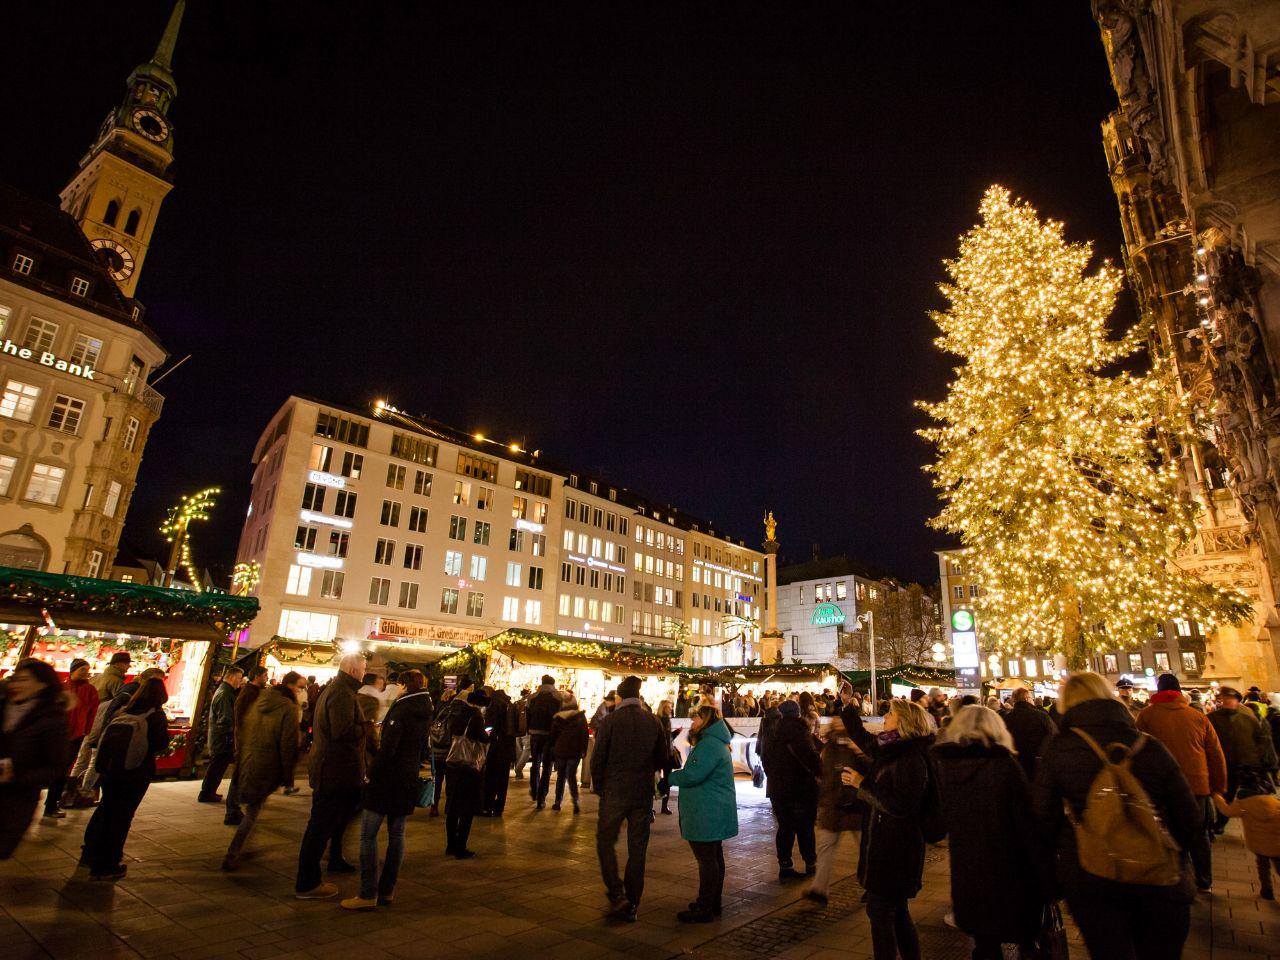 Weihnachtsmarkt Beginn 2019.Münchner Christkindlmarkt Rund Um Den Marienplatz Das Offizielle